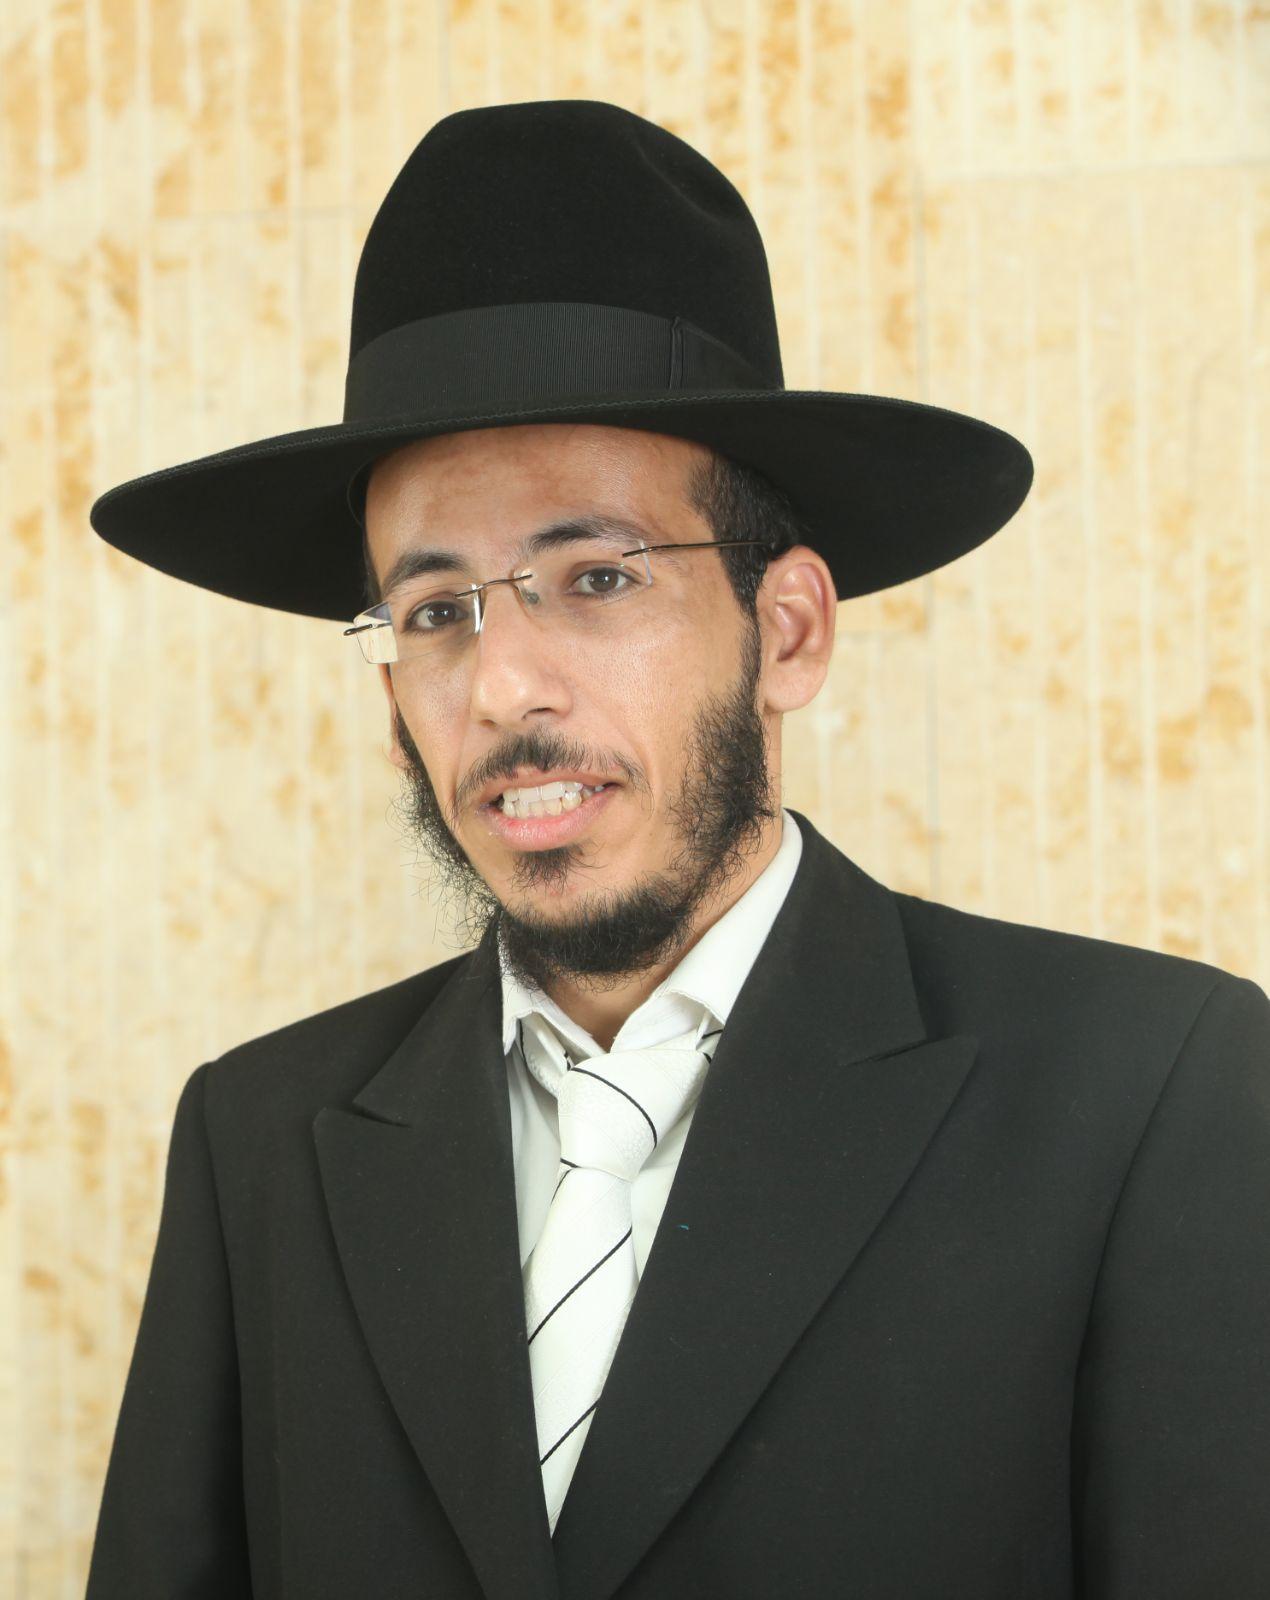 הרב גדסי